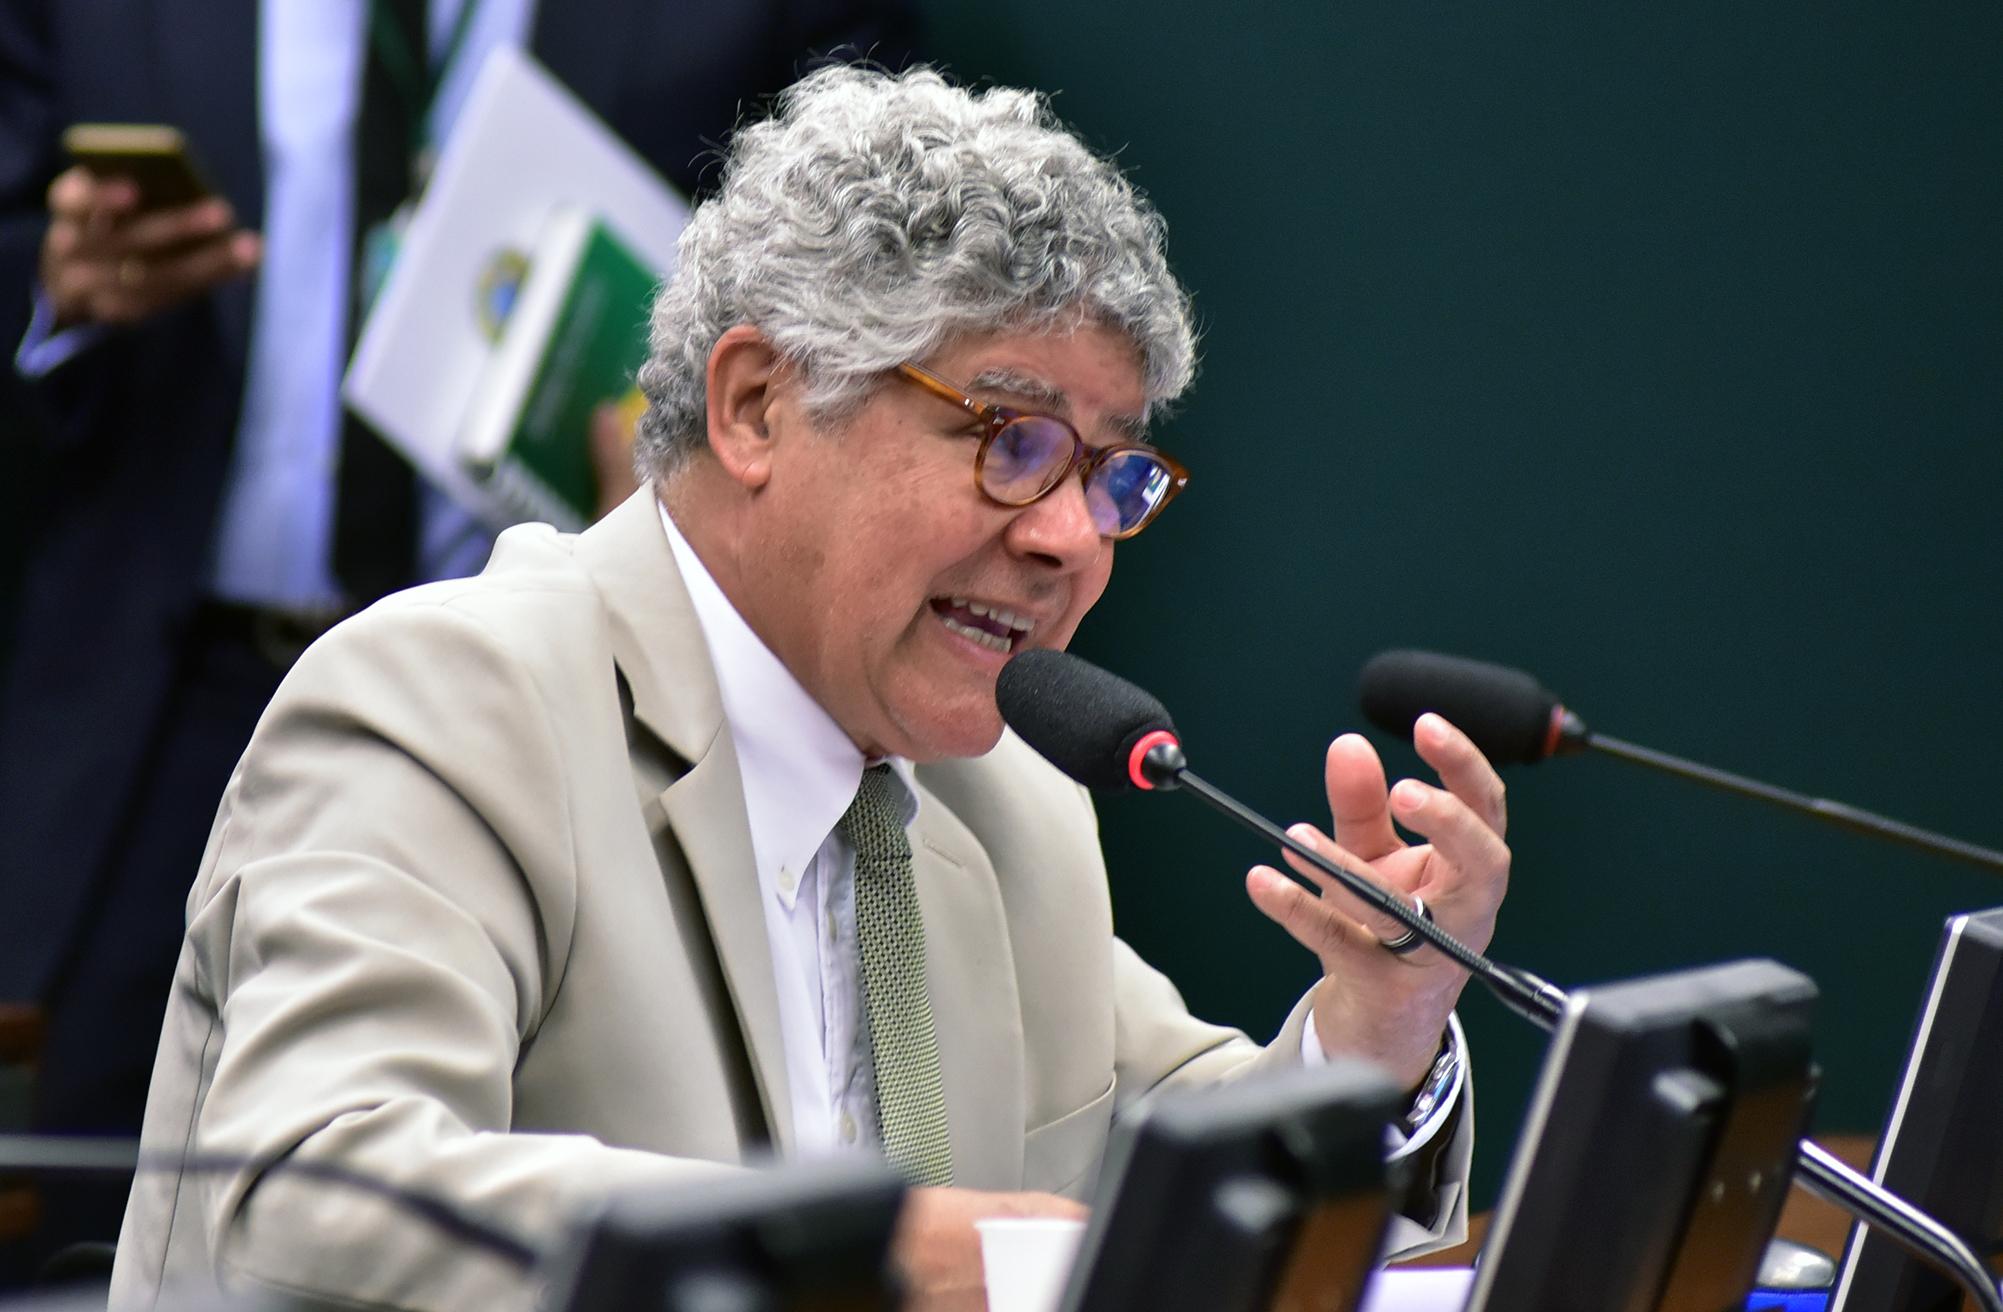 Reunião Extraordinária. Dep. Chico Alencar (PSOL - RJ)